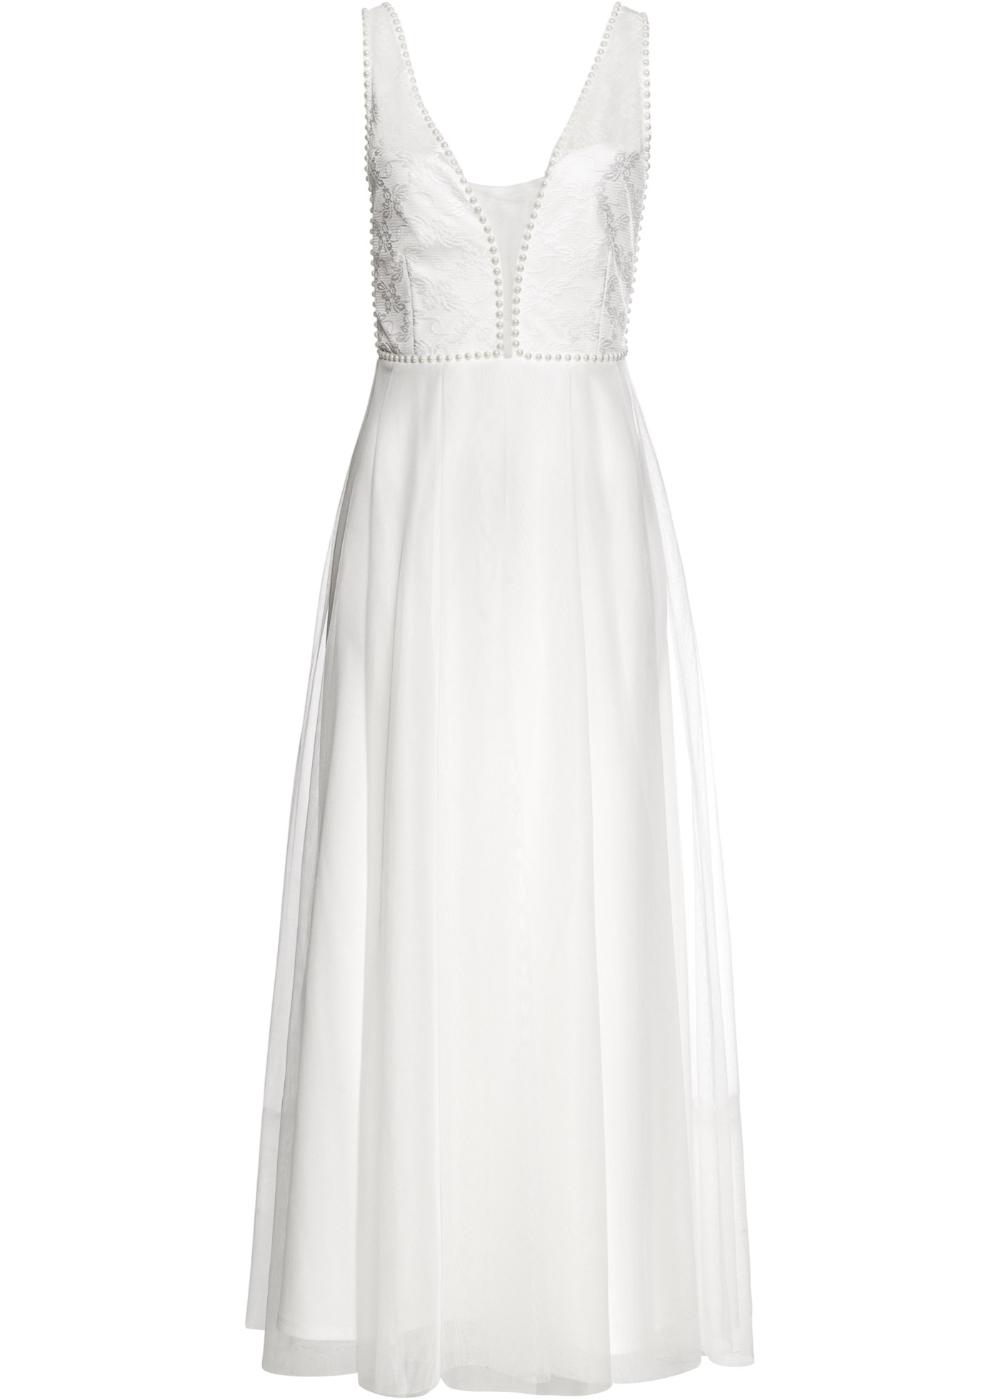 Brautkleid  Brautkleid weiß, Kleid hochzeit, Brautkleid